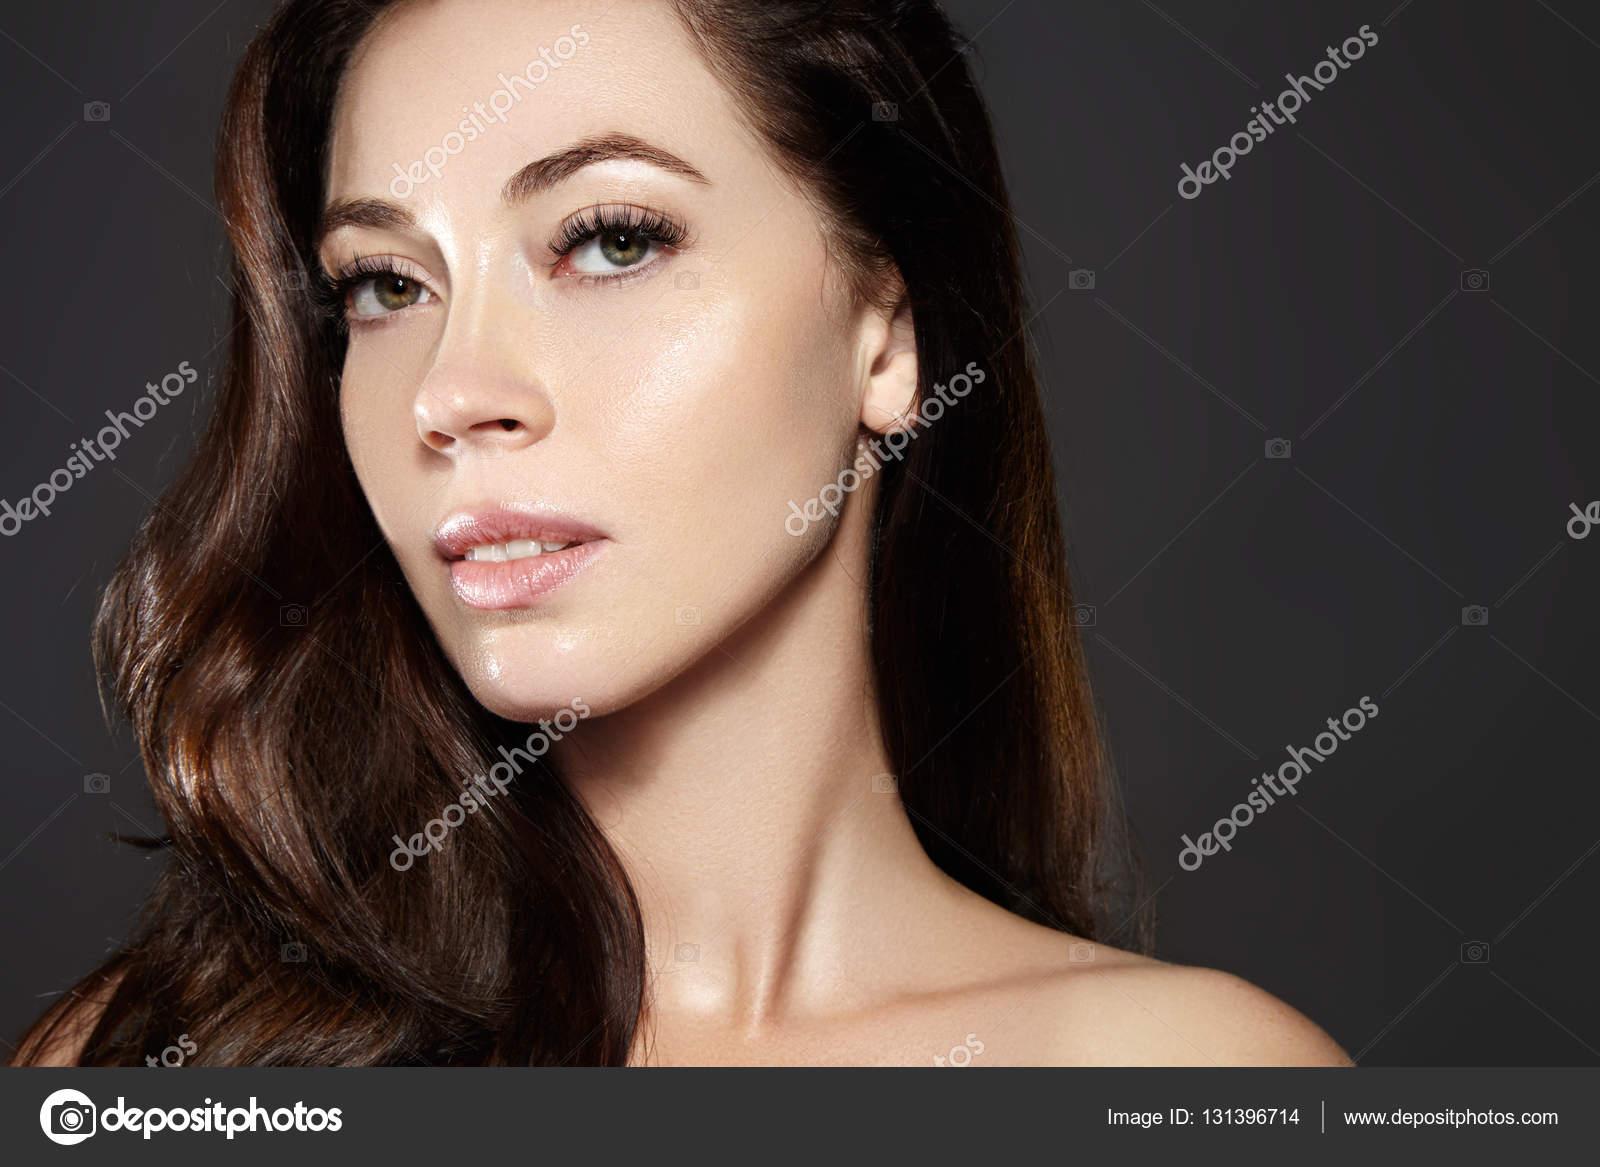 Modelo de mujer joven hermosa con pelo de color marrón del vuelo. Retrato  de la belleza con la piel limpia af8f0ed42f62